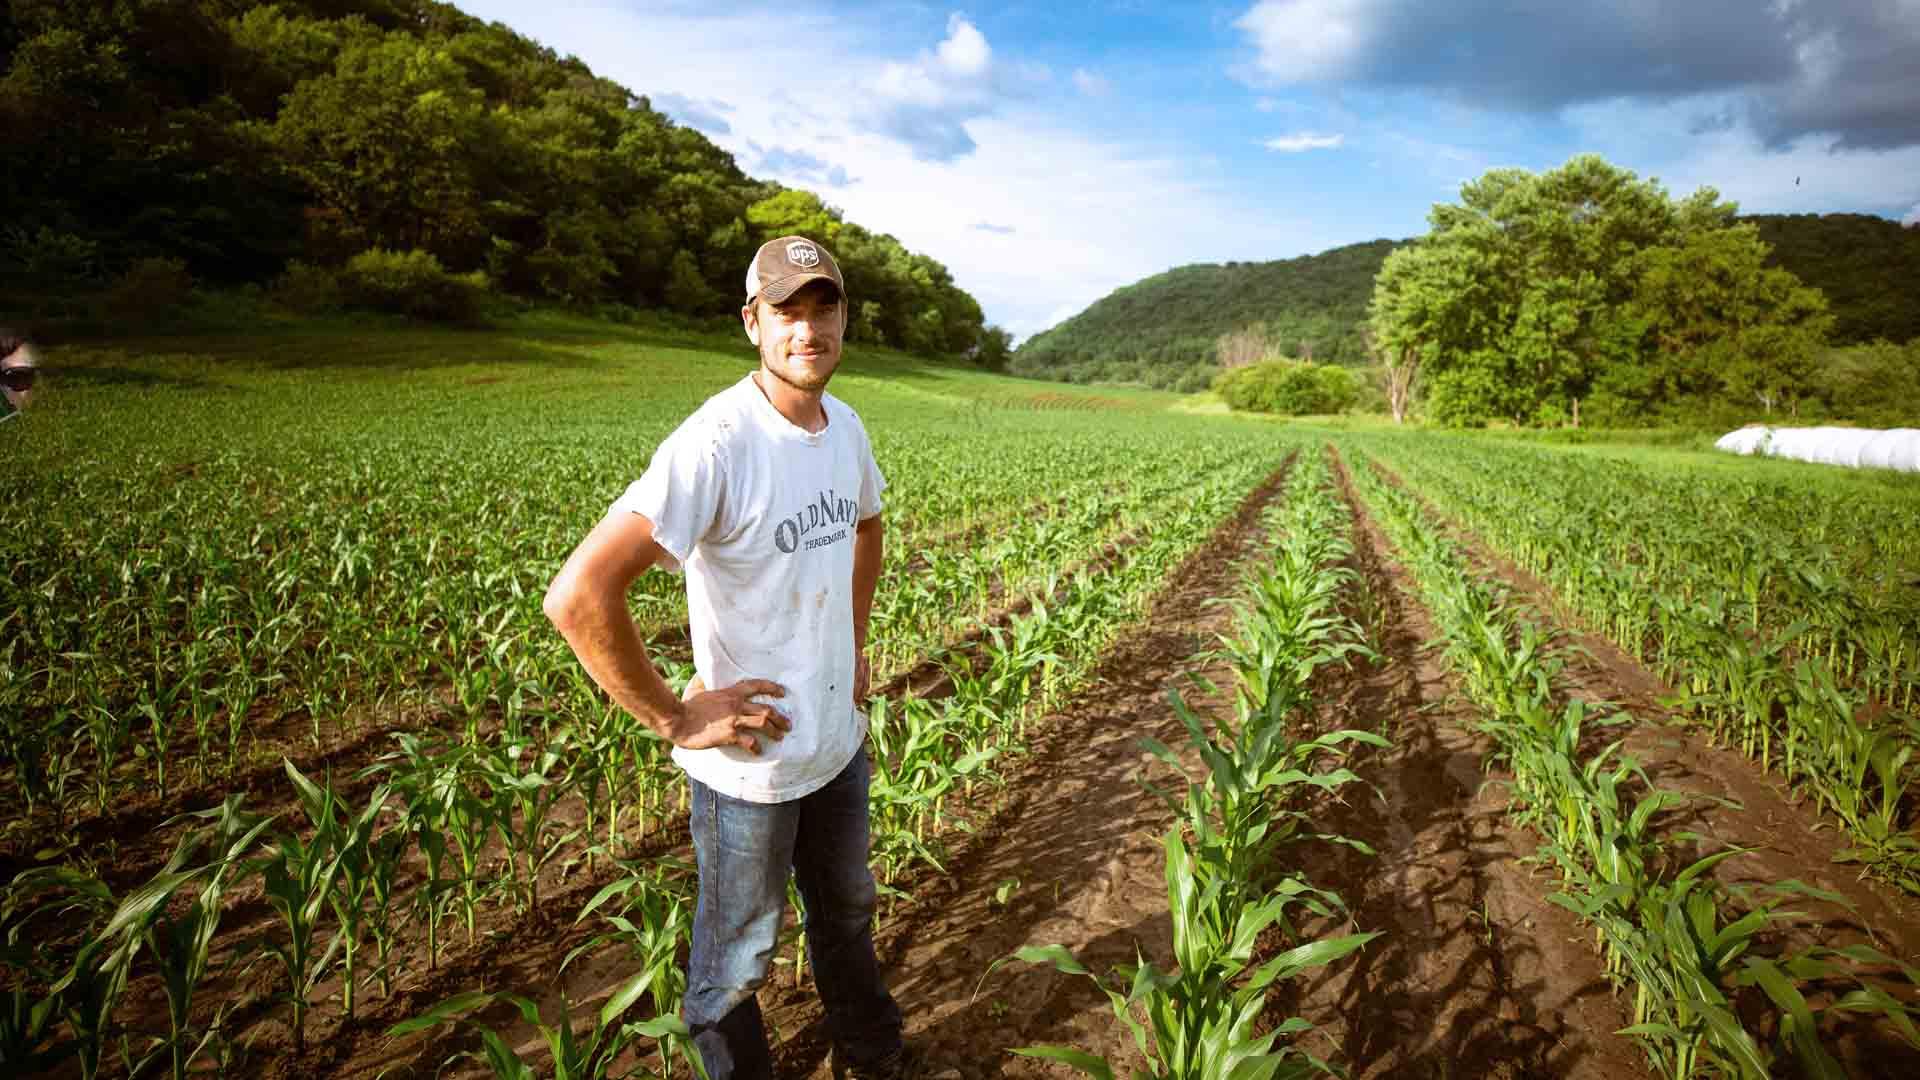 Sempre più giovani tornano a lavorare la terra